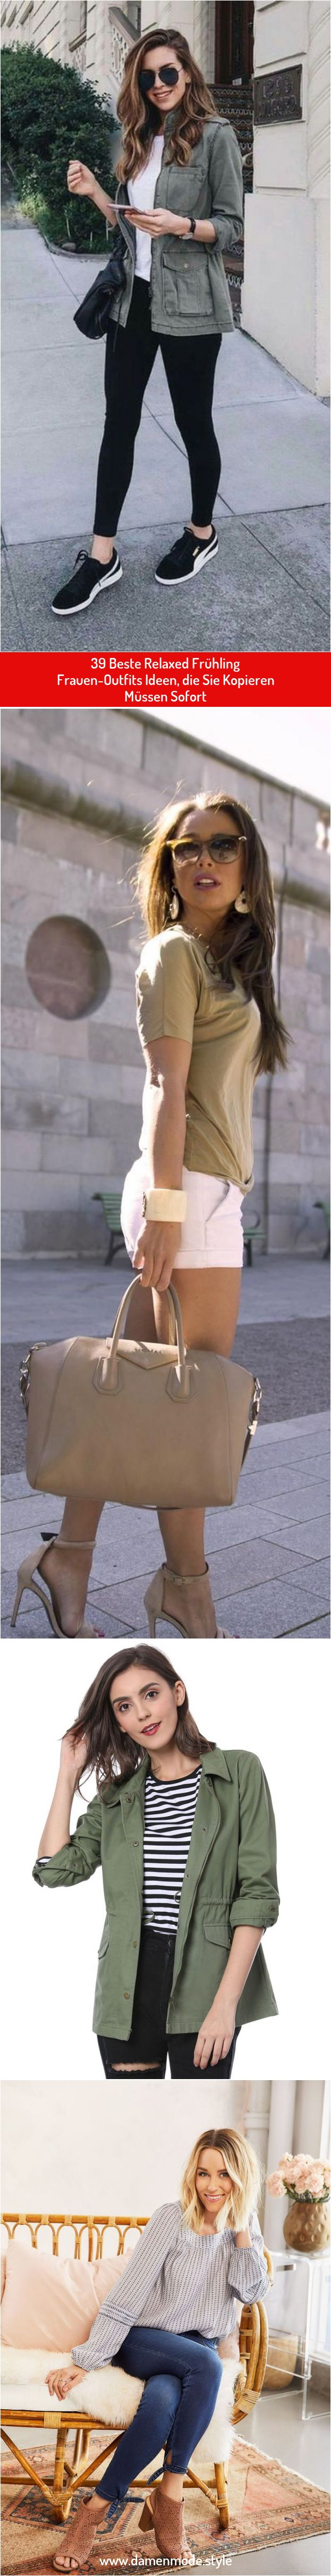 Die beliebtesten Videos von Tag: leonie lasalle